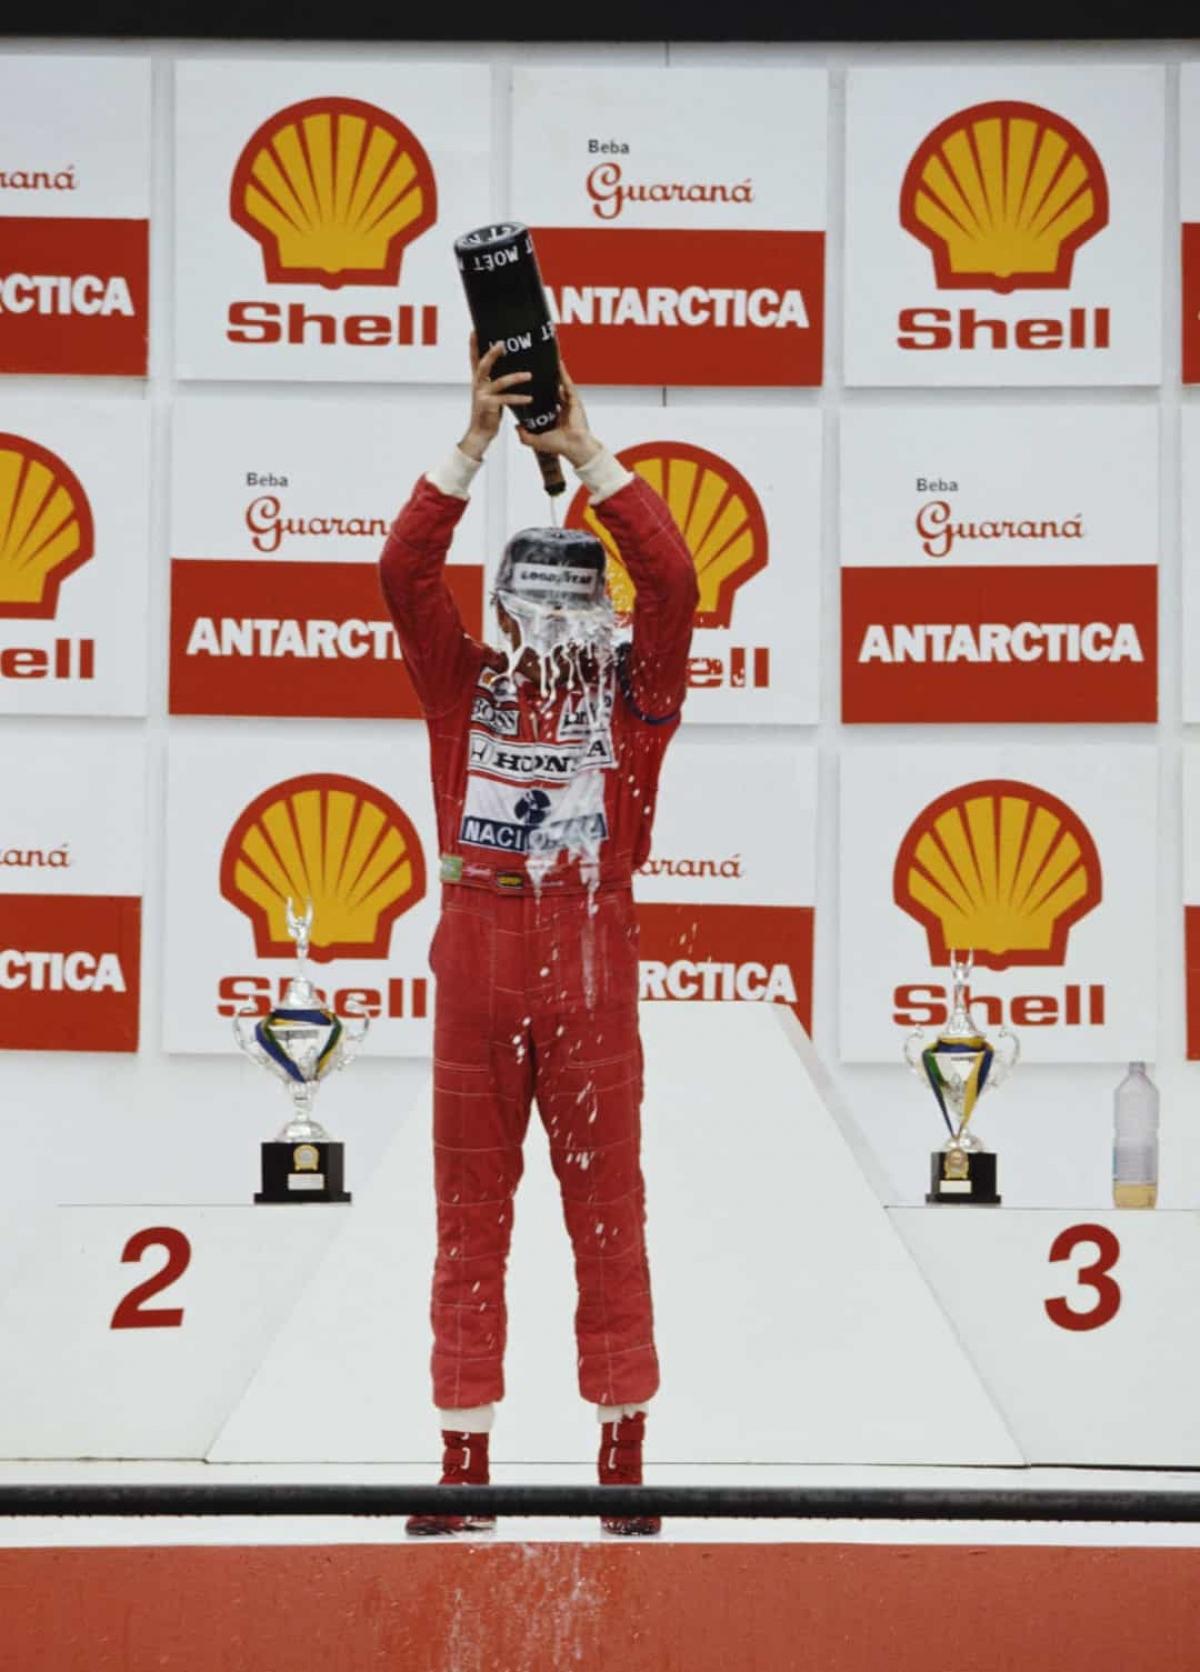 Năm 1991:Huyền thoại đua xe công thức 1 người Brazil Ayrton Senna giành giải Grand Prix Brazil vào ngày 24/3/1991 tại đường đua Autódromo José Carlos Pace ở Interlagos, Brazil.